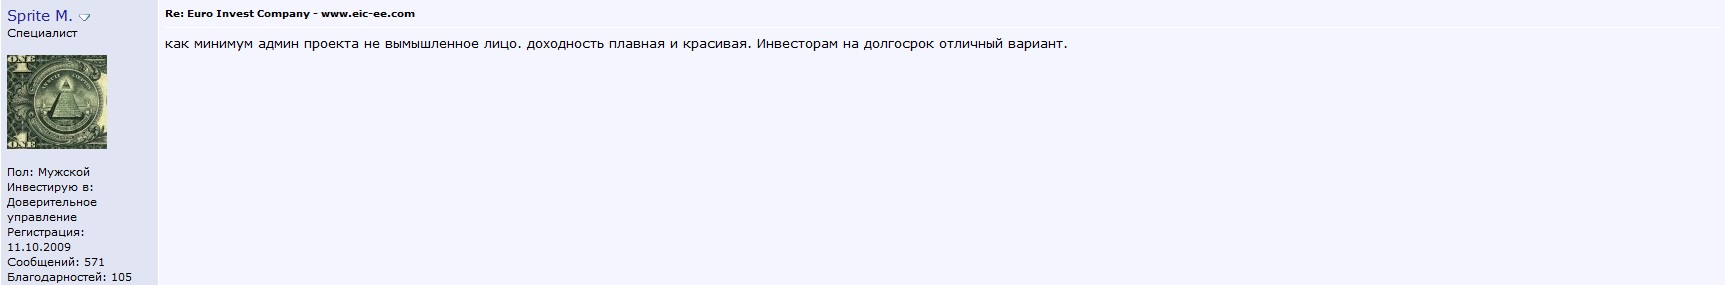 eic ee com отзывы